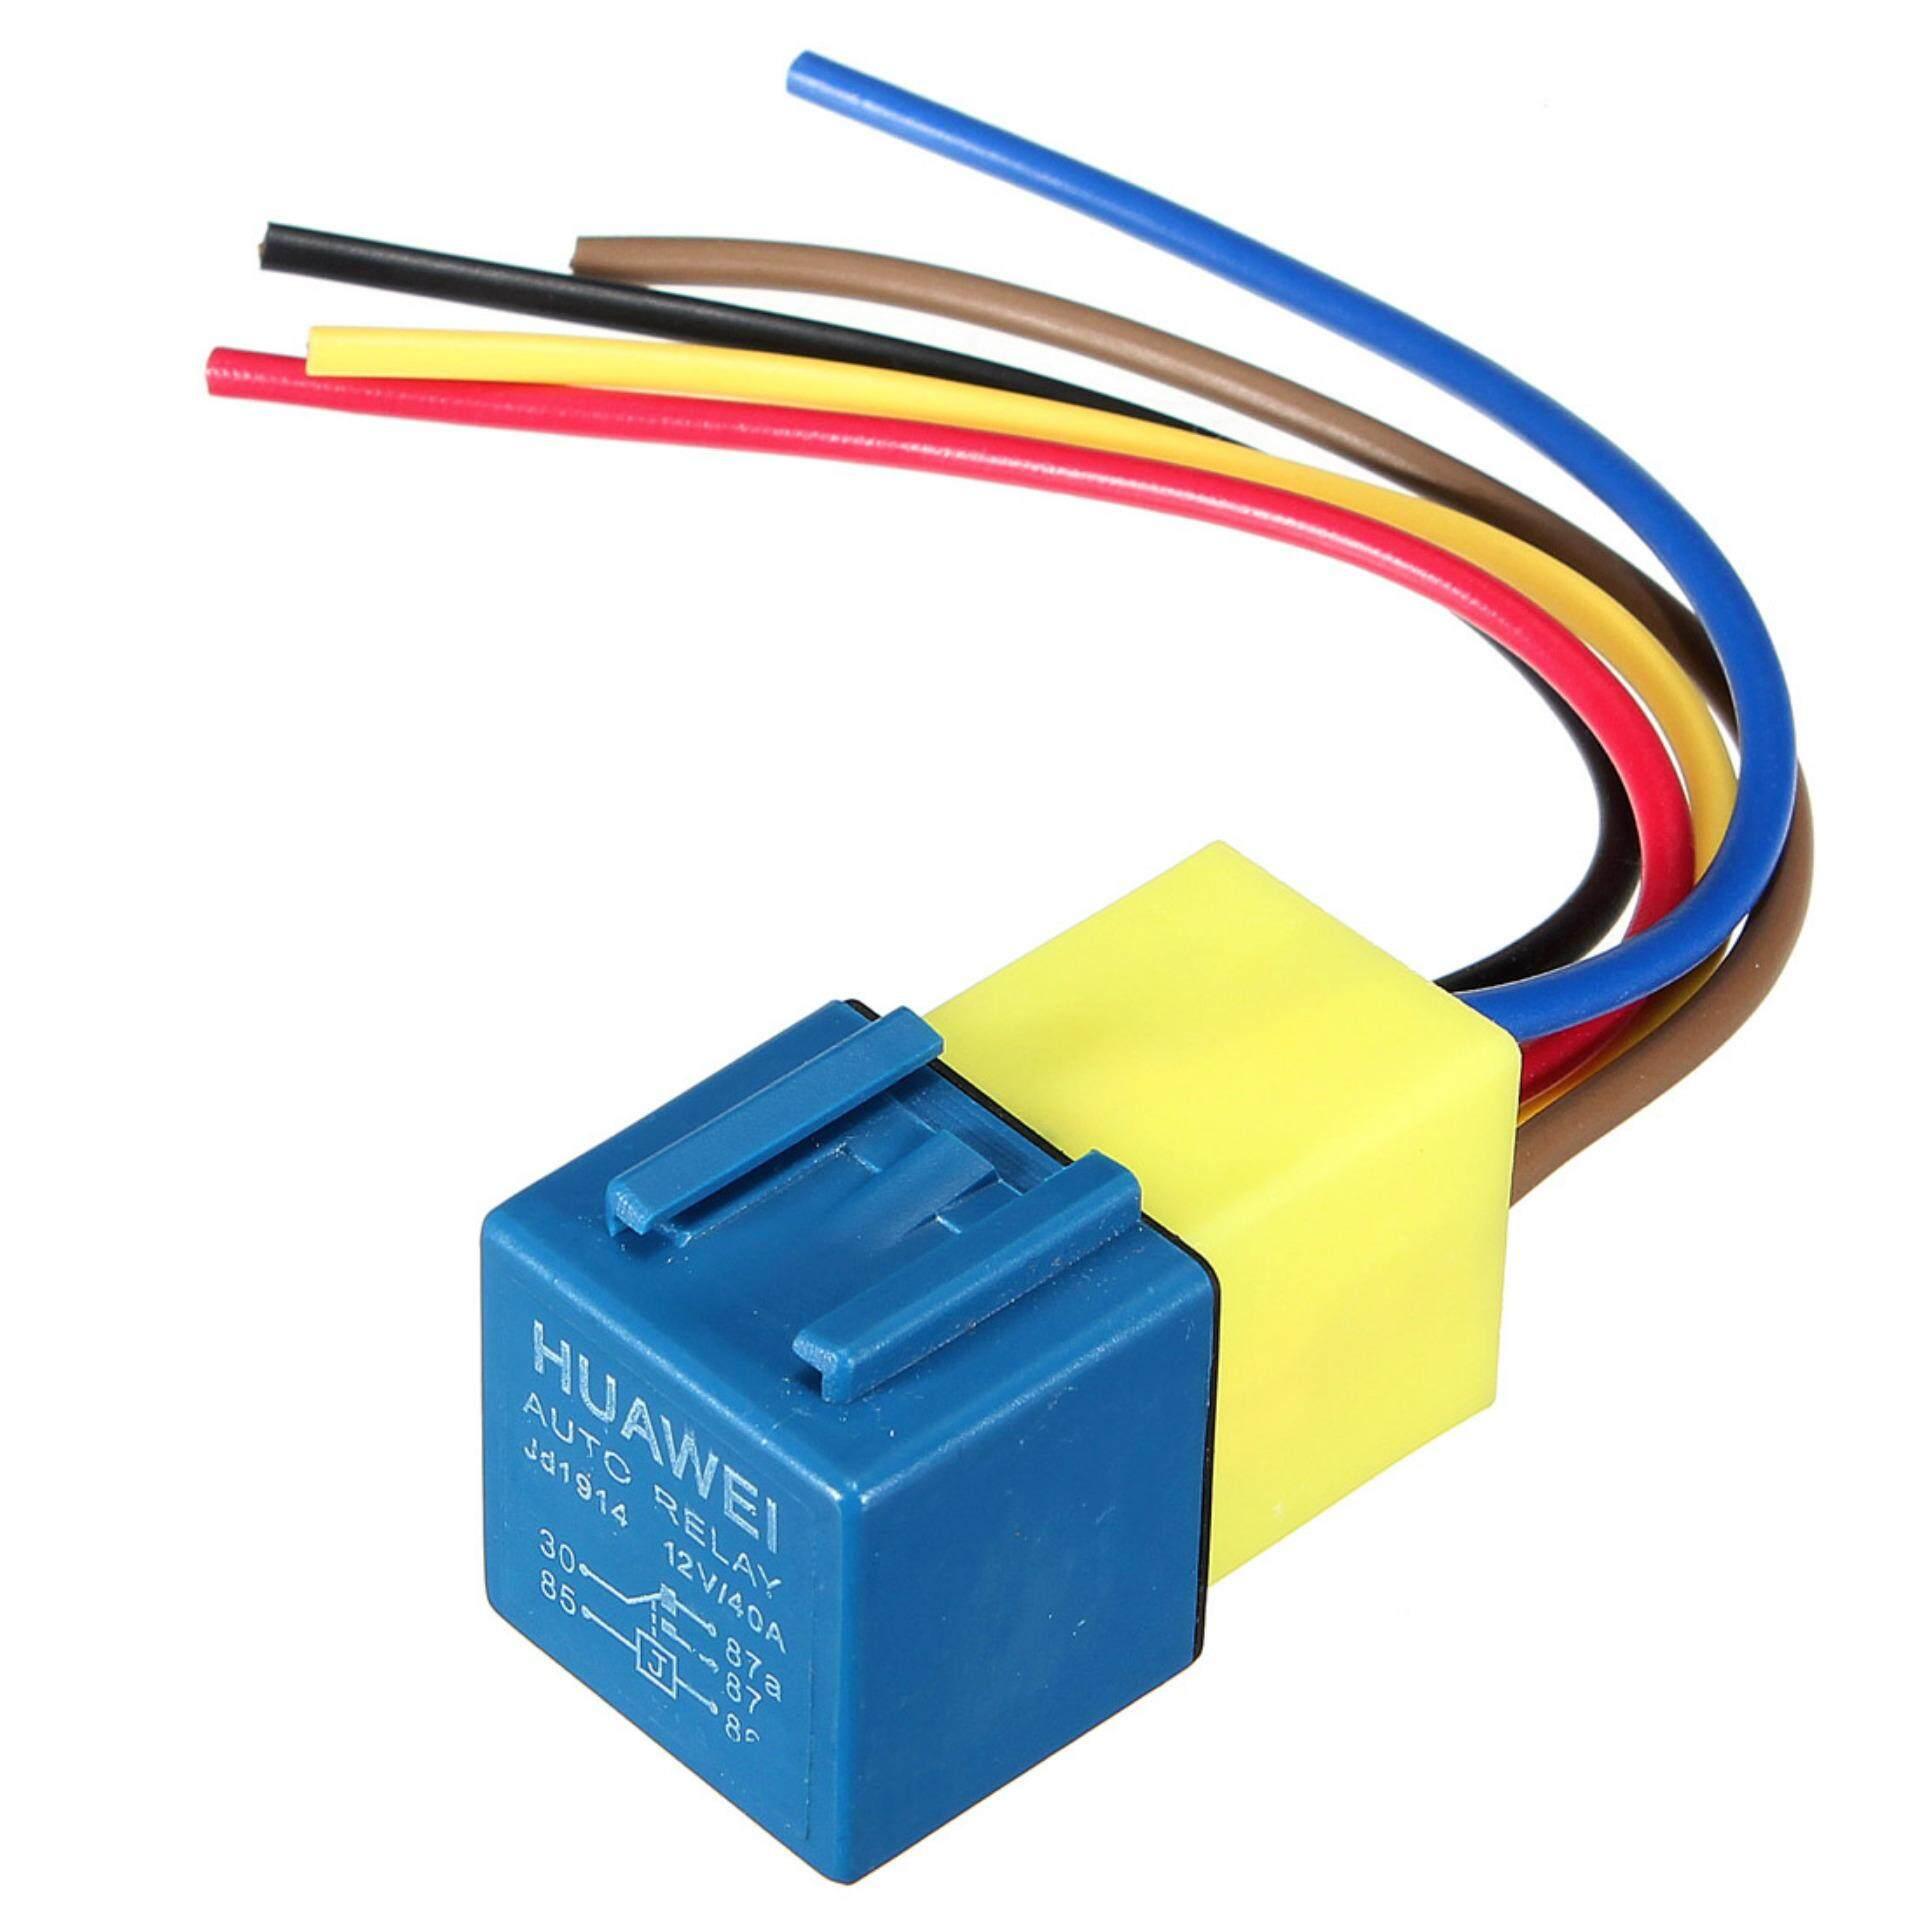 5 pin wiring harness 5 image wiring diagram 5 pin wiring harness solidfonts on 5 pin wiring harness